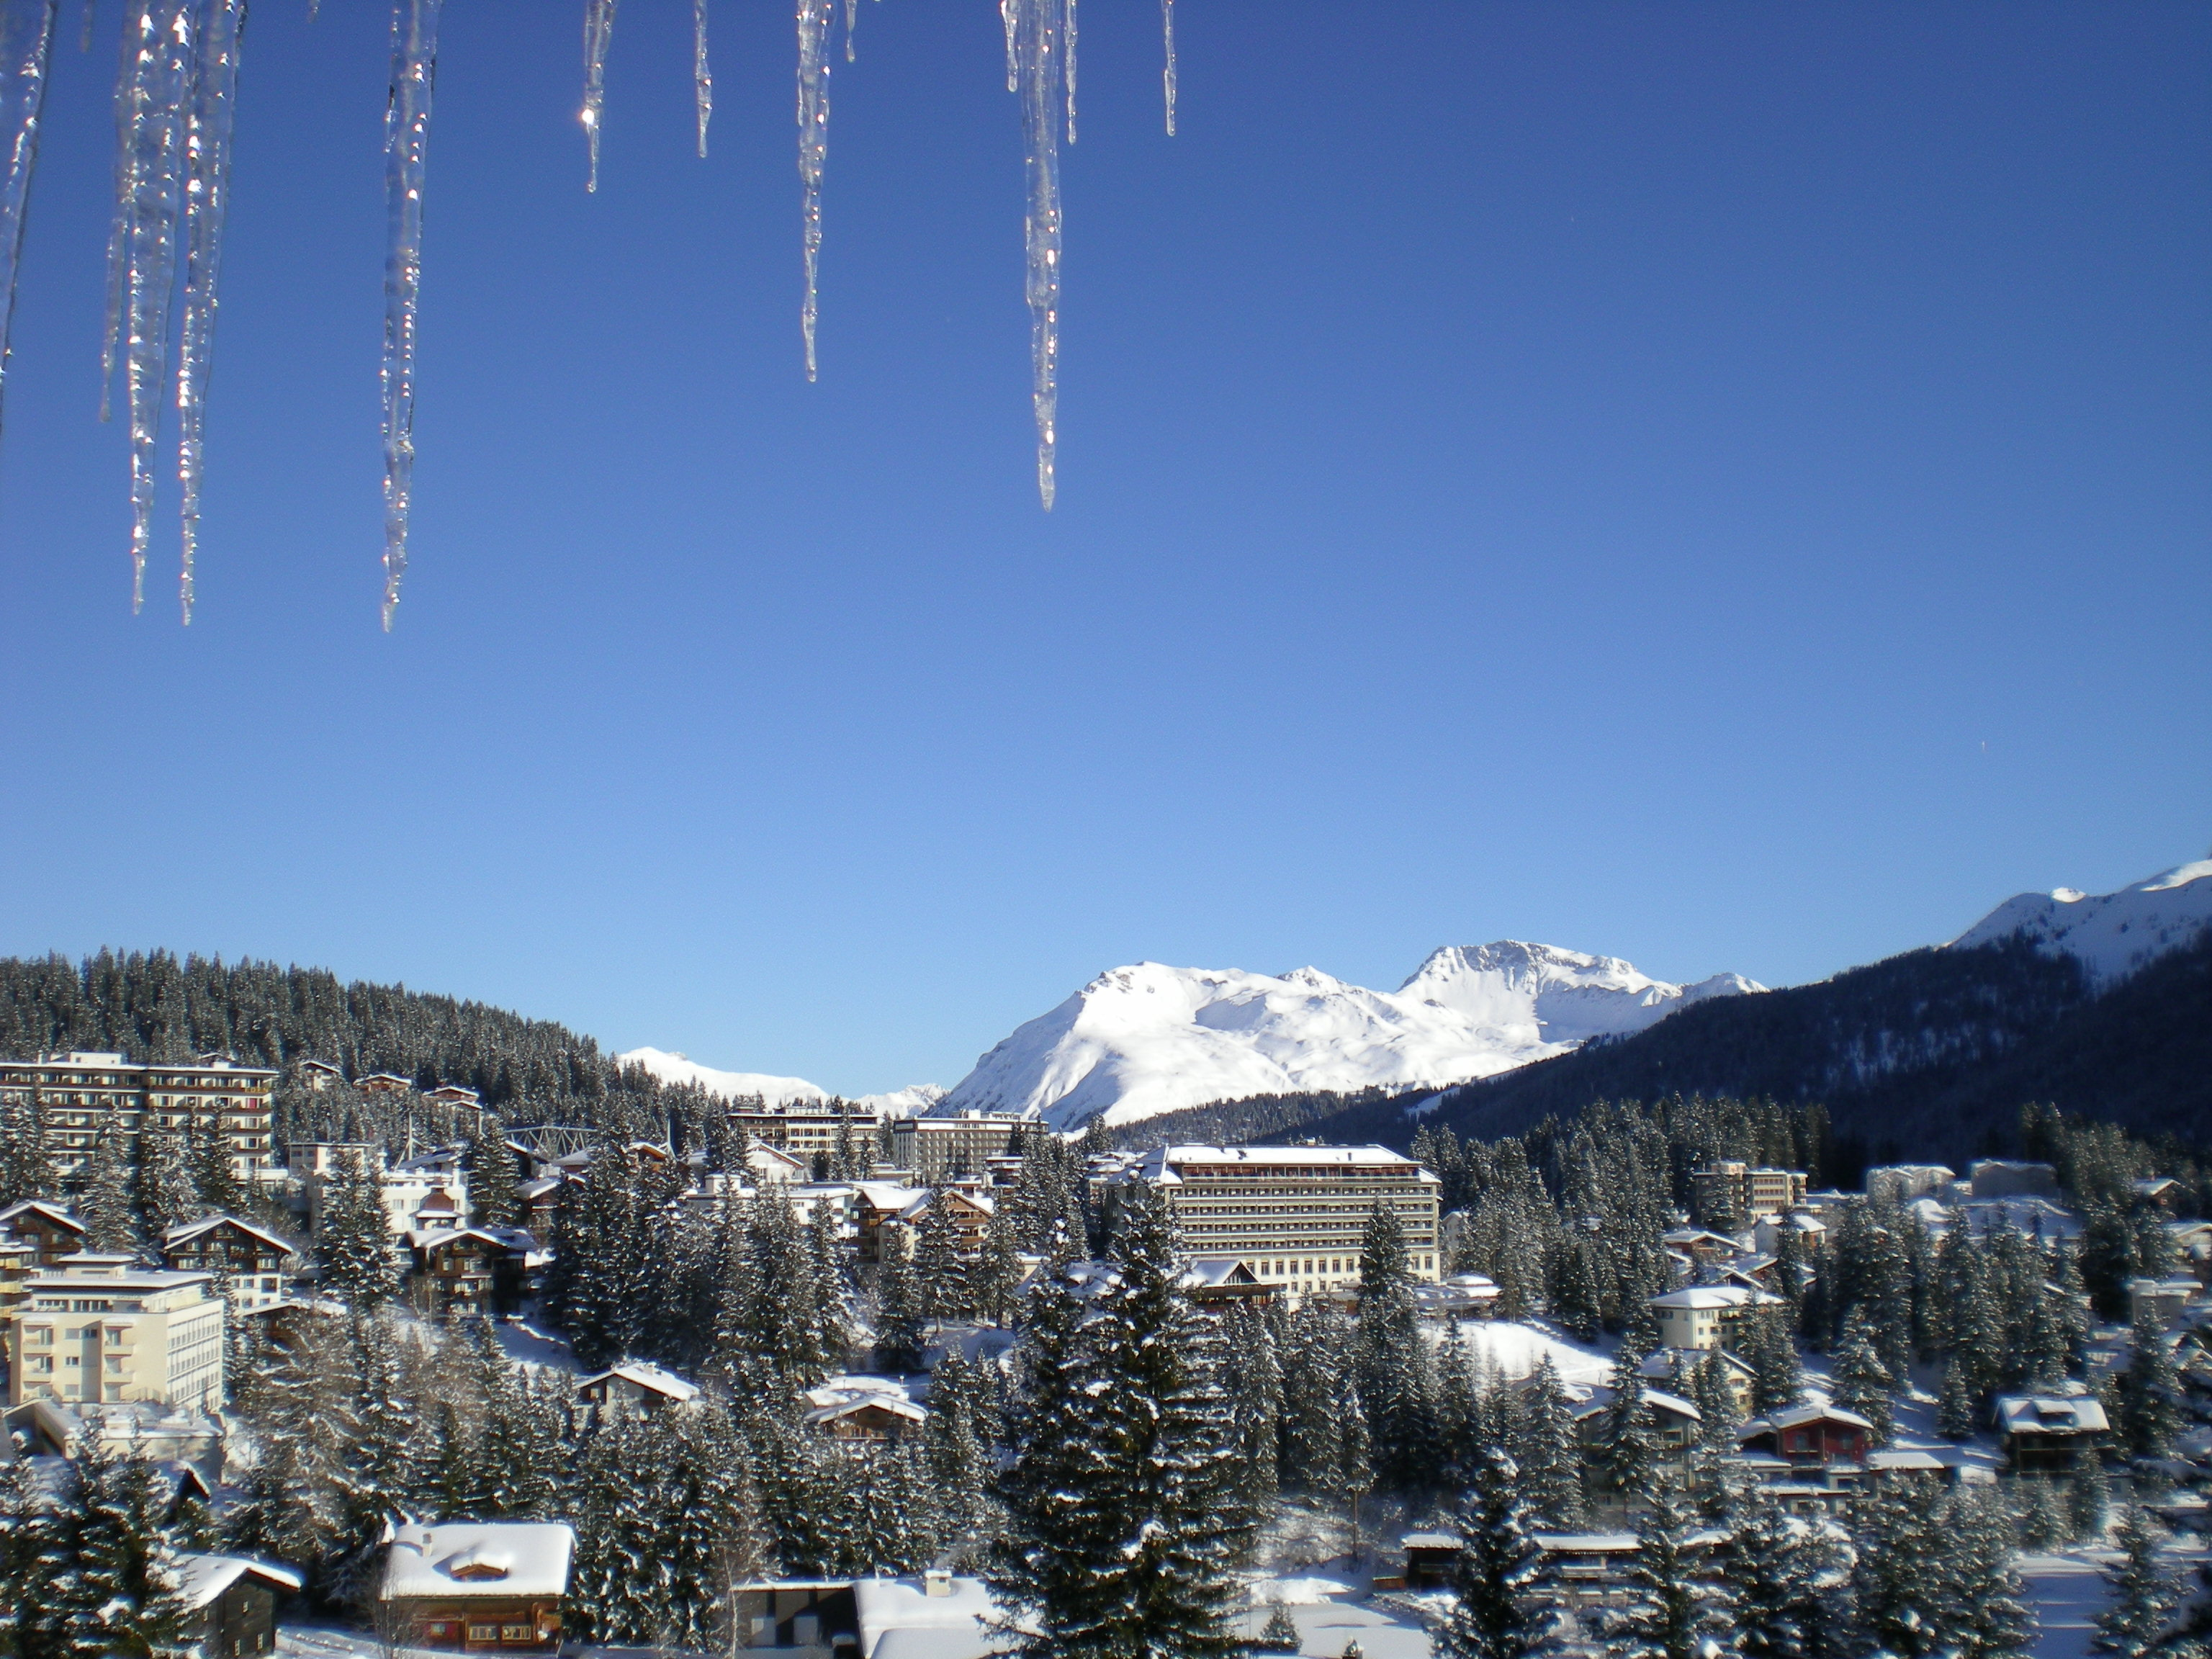 bester skiort schweiz